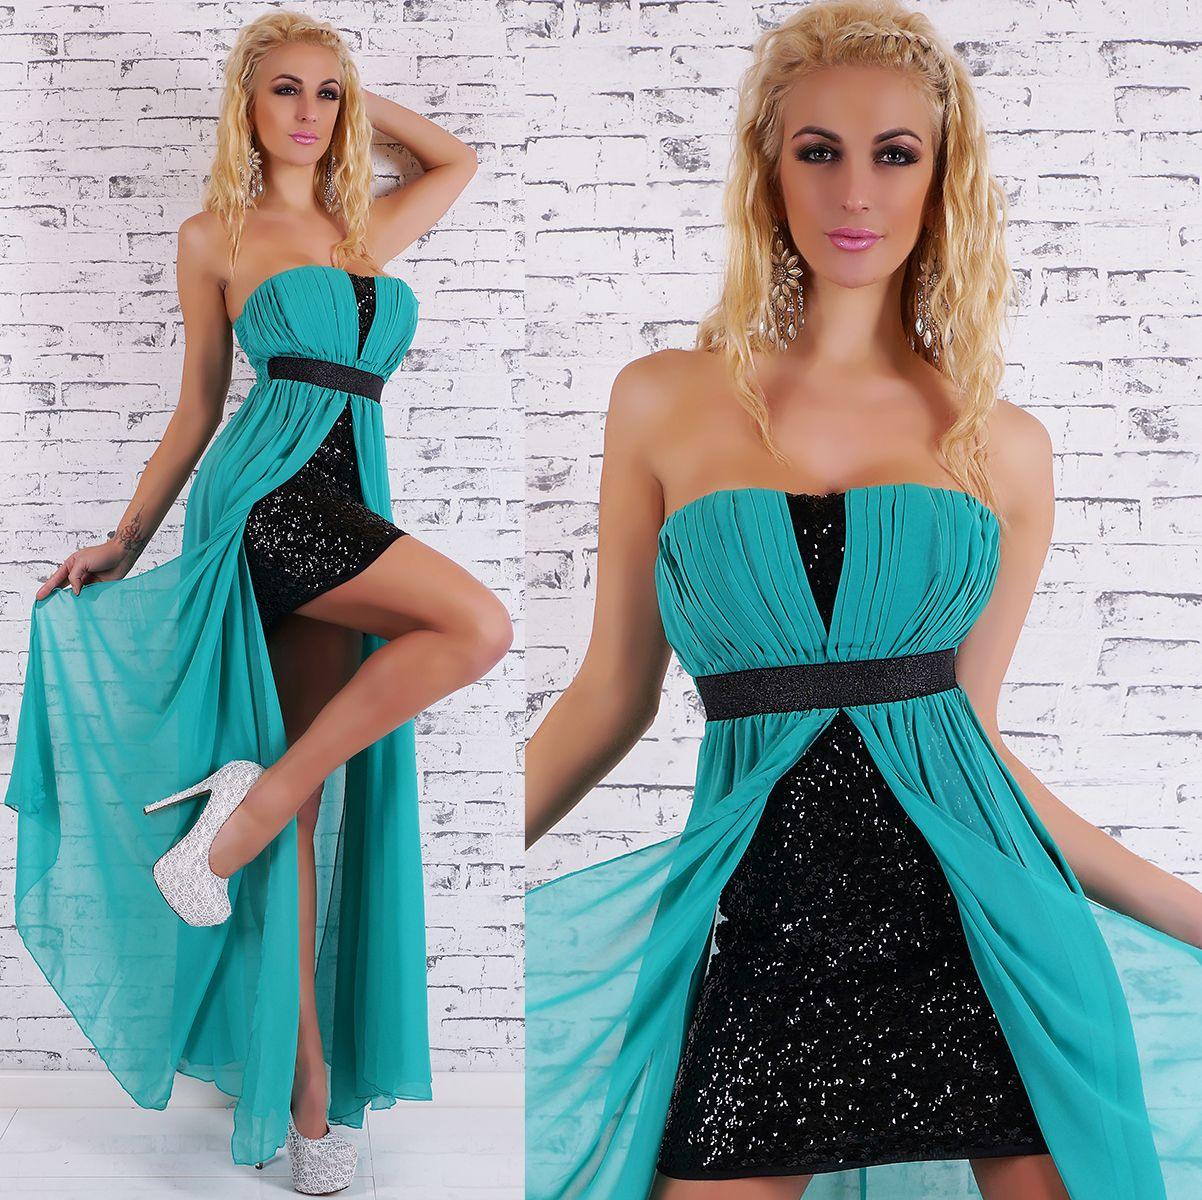 Abend Schön Abend Glitzer Kleid DesignFormal Wunderbar Abend Glitzer Kleid Boutique